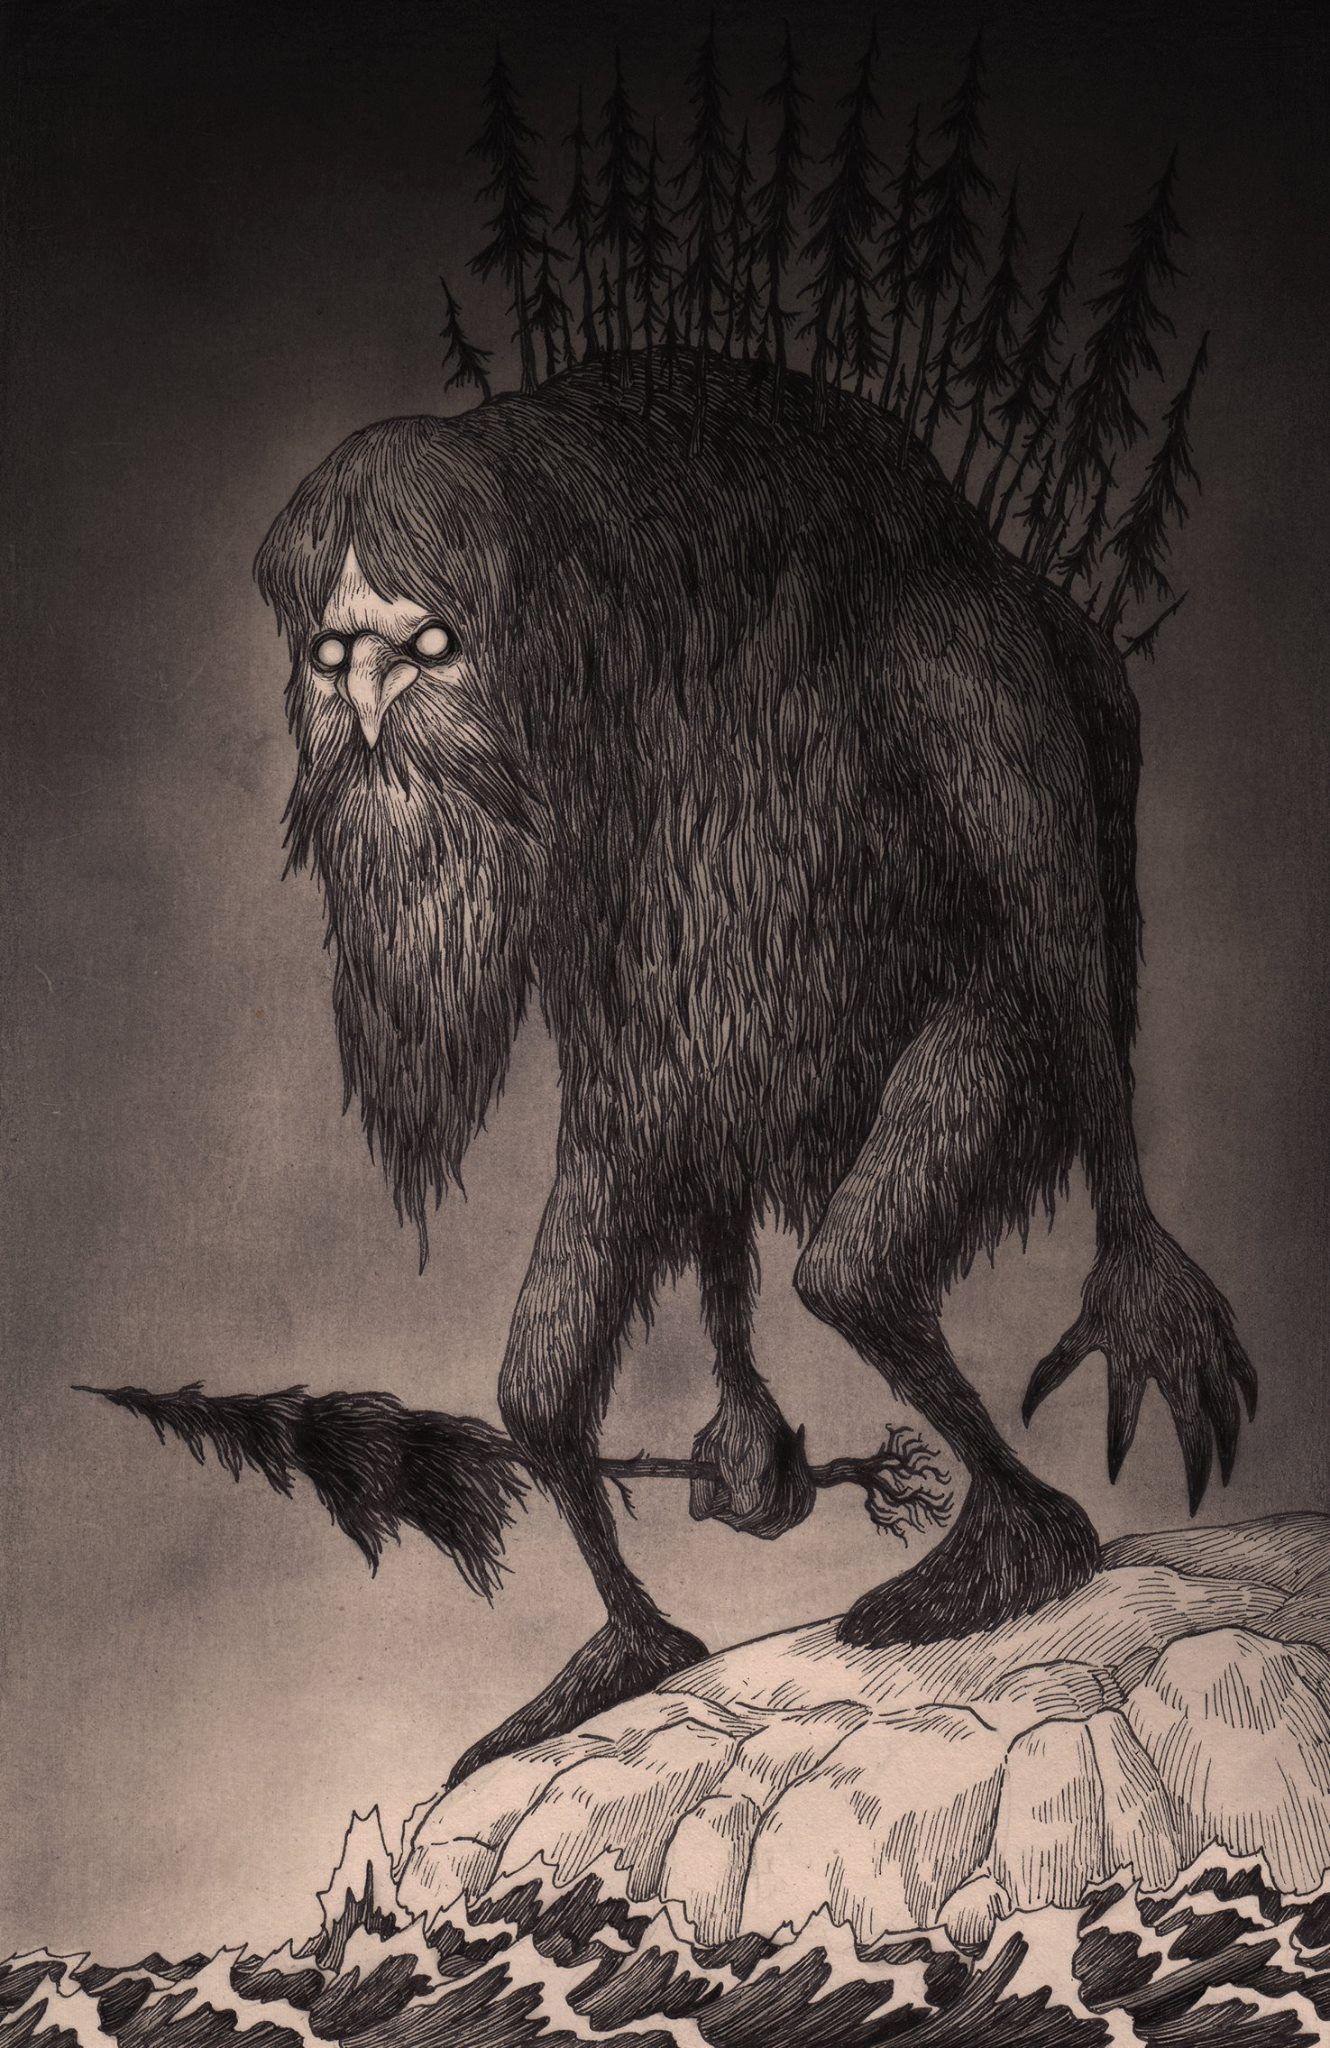 John kenn - Illustration - Monster - Man in the mountain.